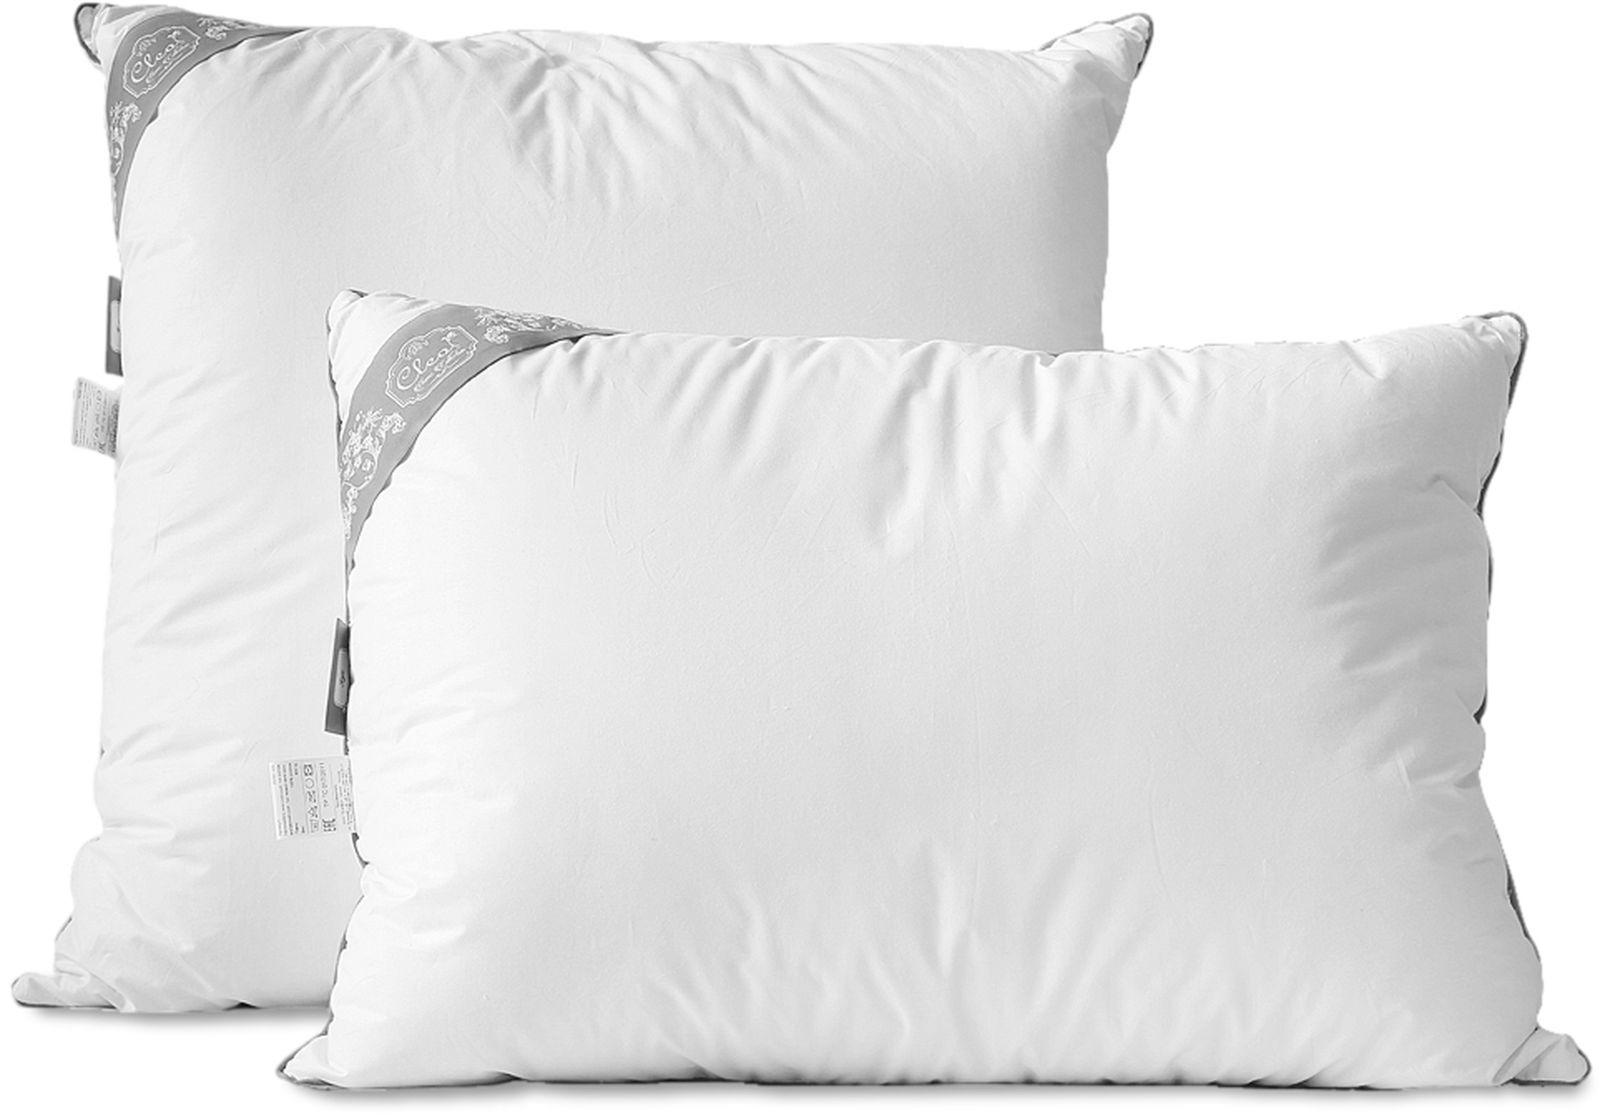 Подушка Cleo Пух Comfort, наполнитель: пух, белый, 70 х см